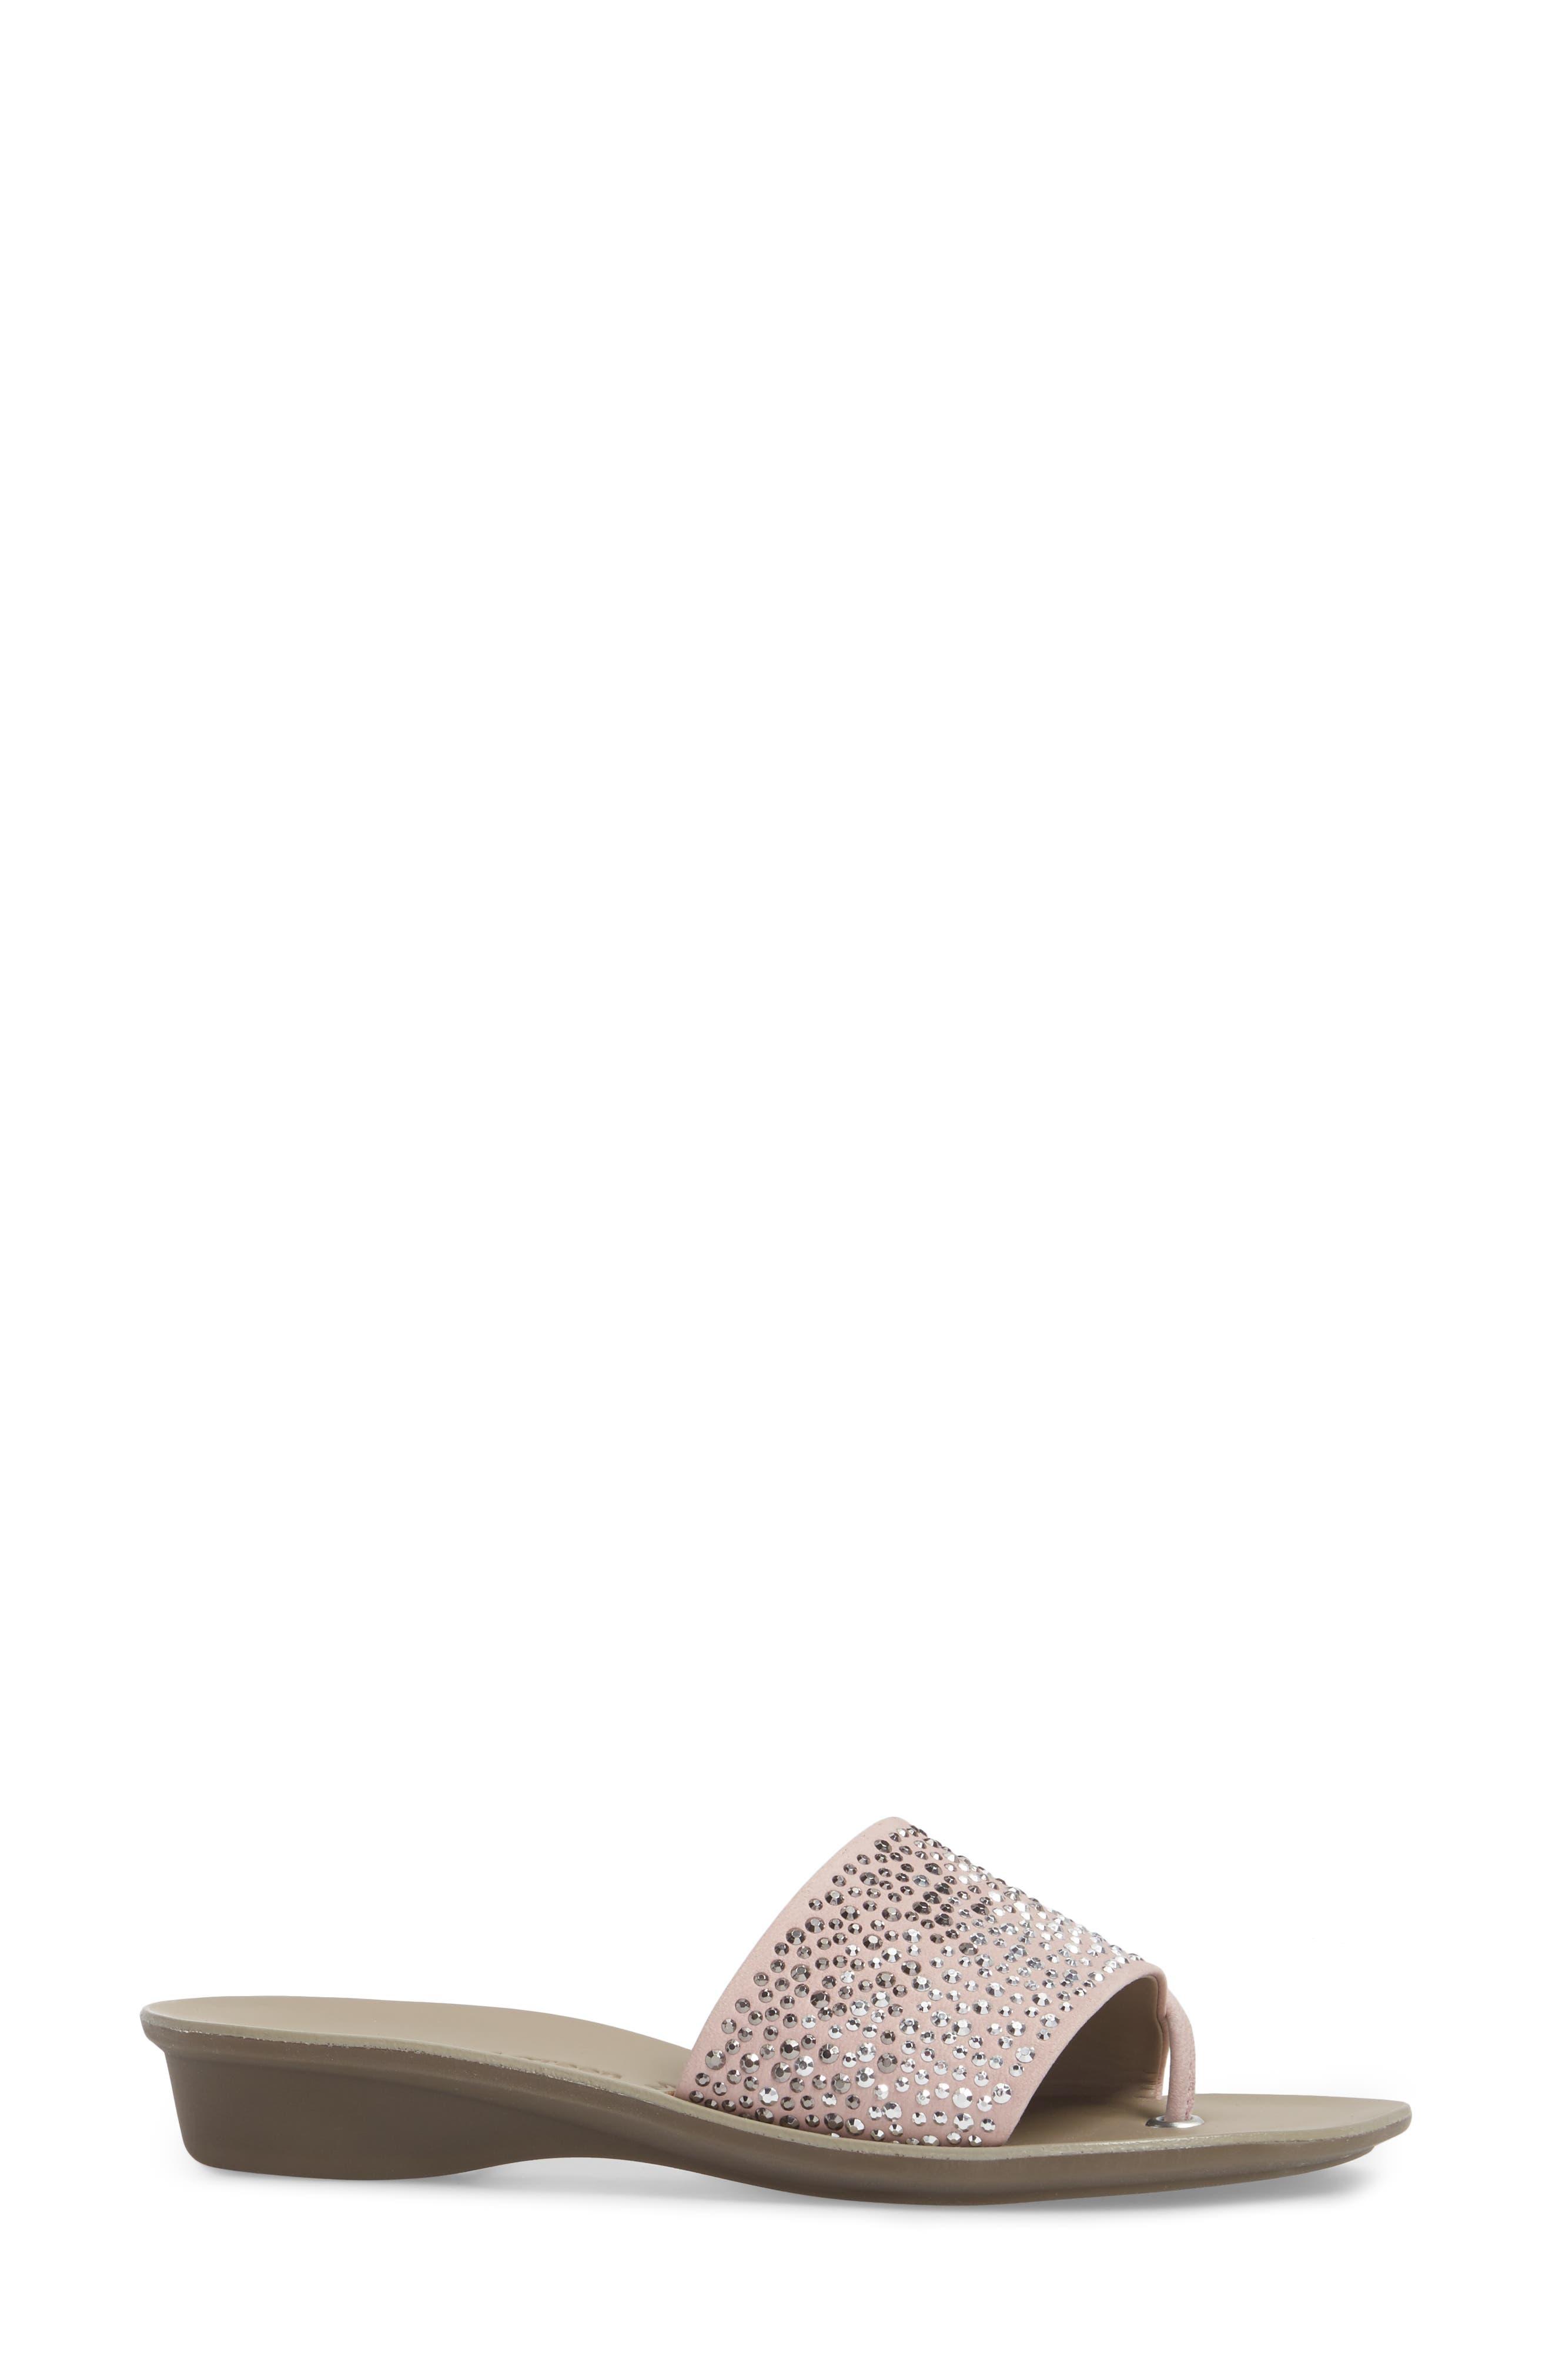 Pixie Slide Sandal,                             Alternate thumbnail 9, color,